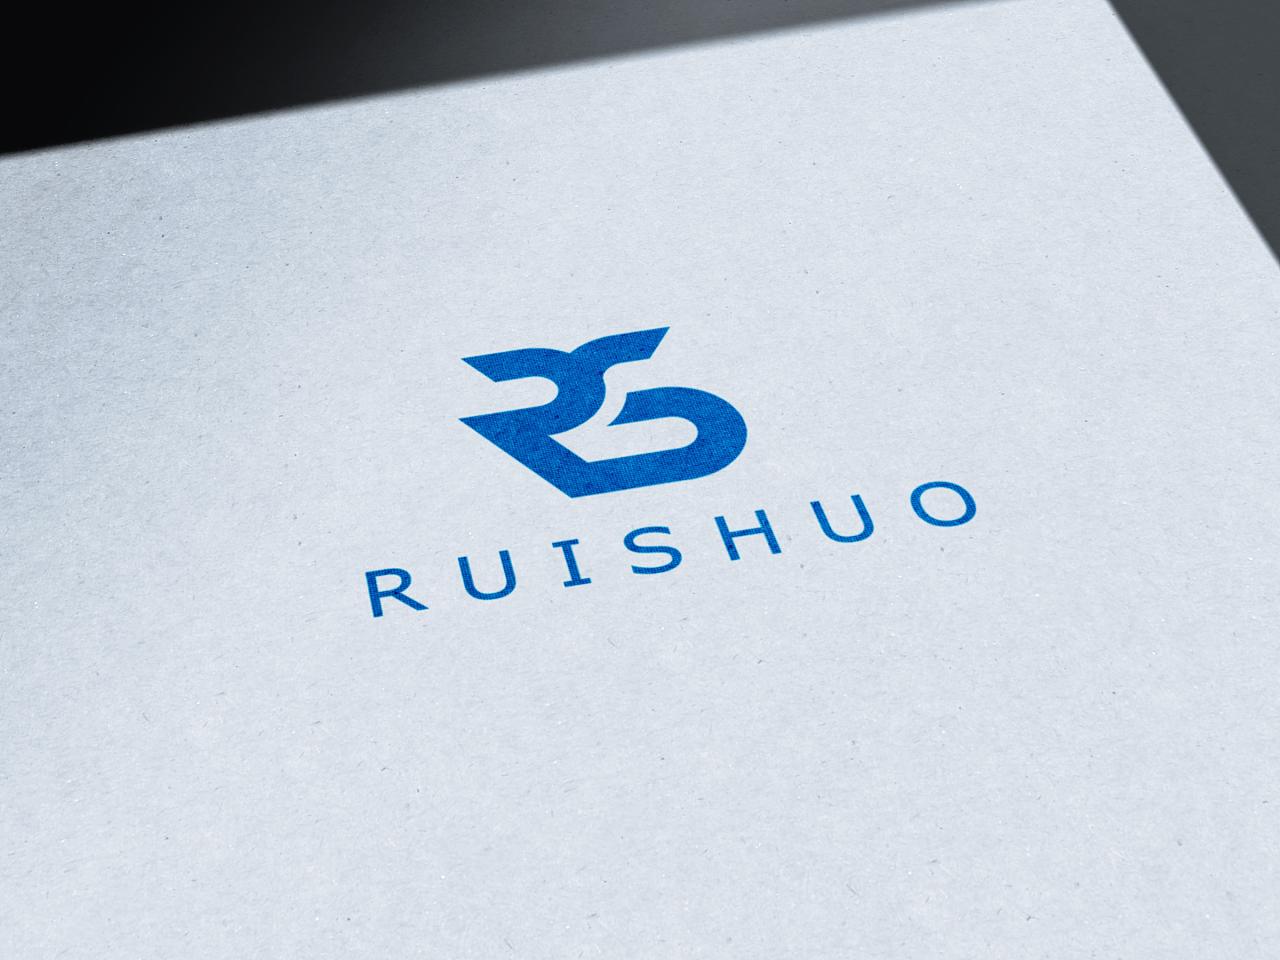 客户要求要用首字母rs为主要元素做logo设计图片